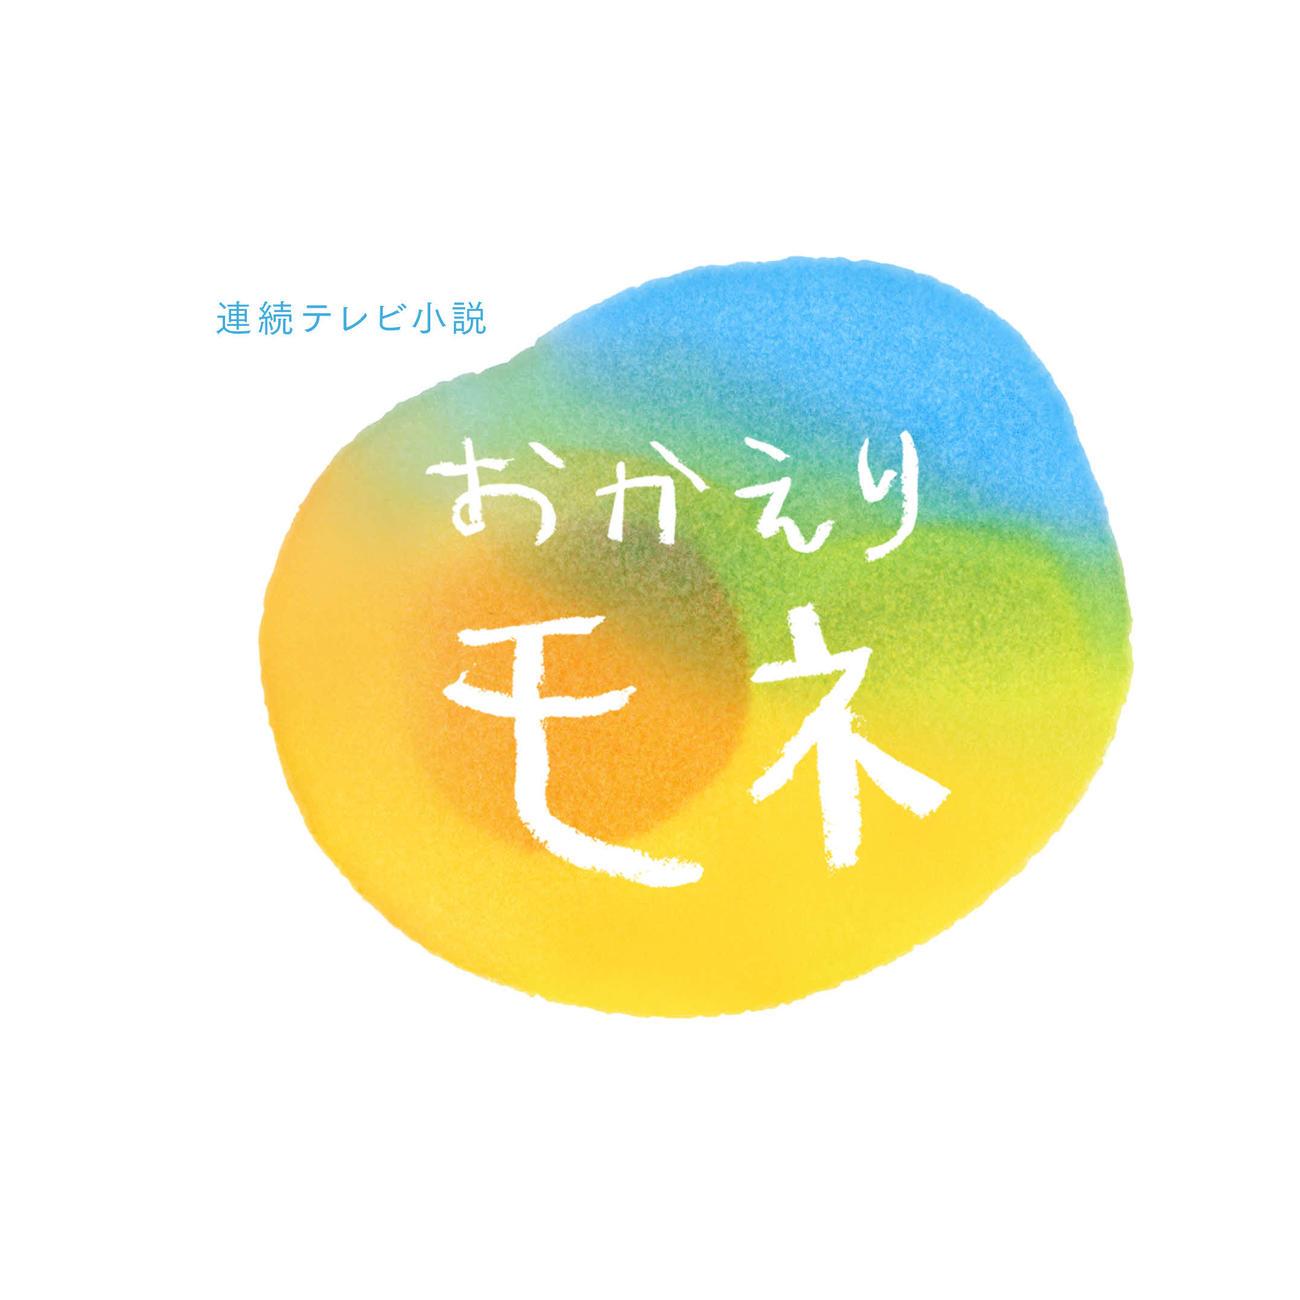 NHK連続テレビ小説「おかえりモネ」